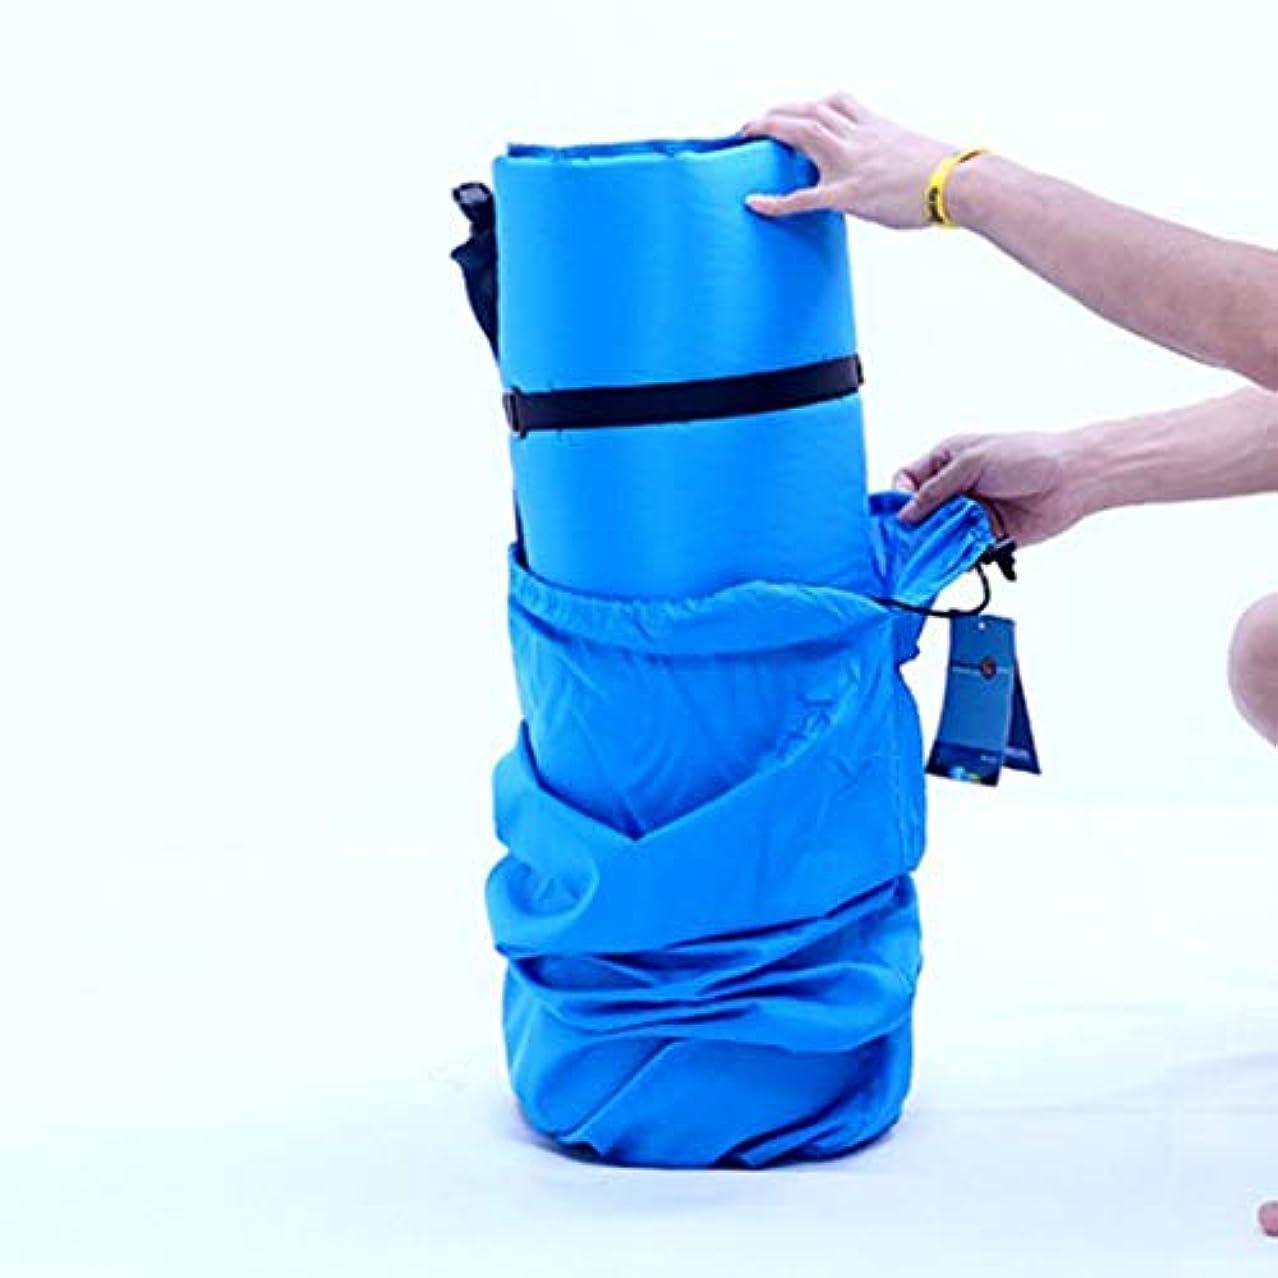 化粧無視するトリプルNekovan 屋外の二重自動膨脹可能なクッションの厚くなる広いキャンプテントの膨脹可能なクッション (色 : ブルー)